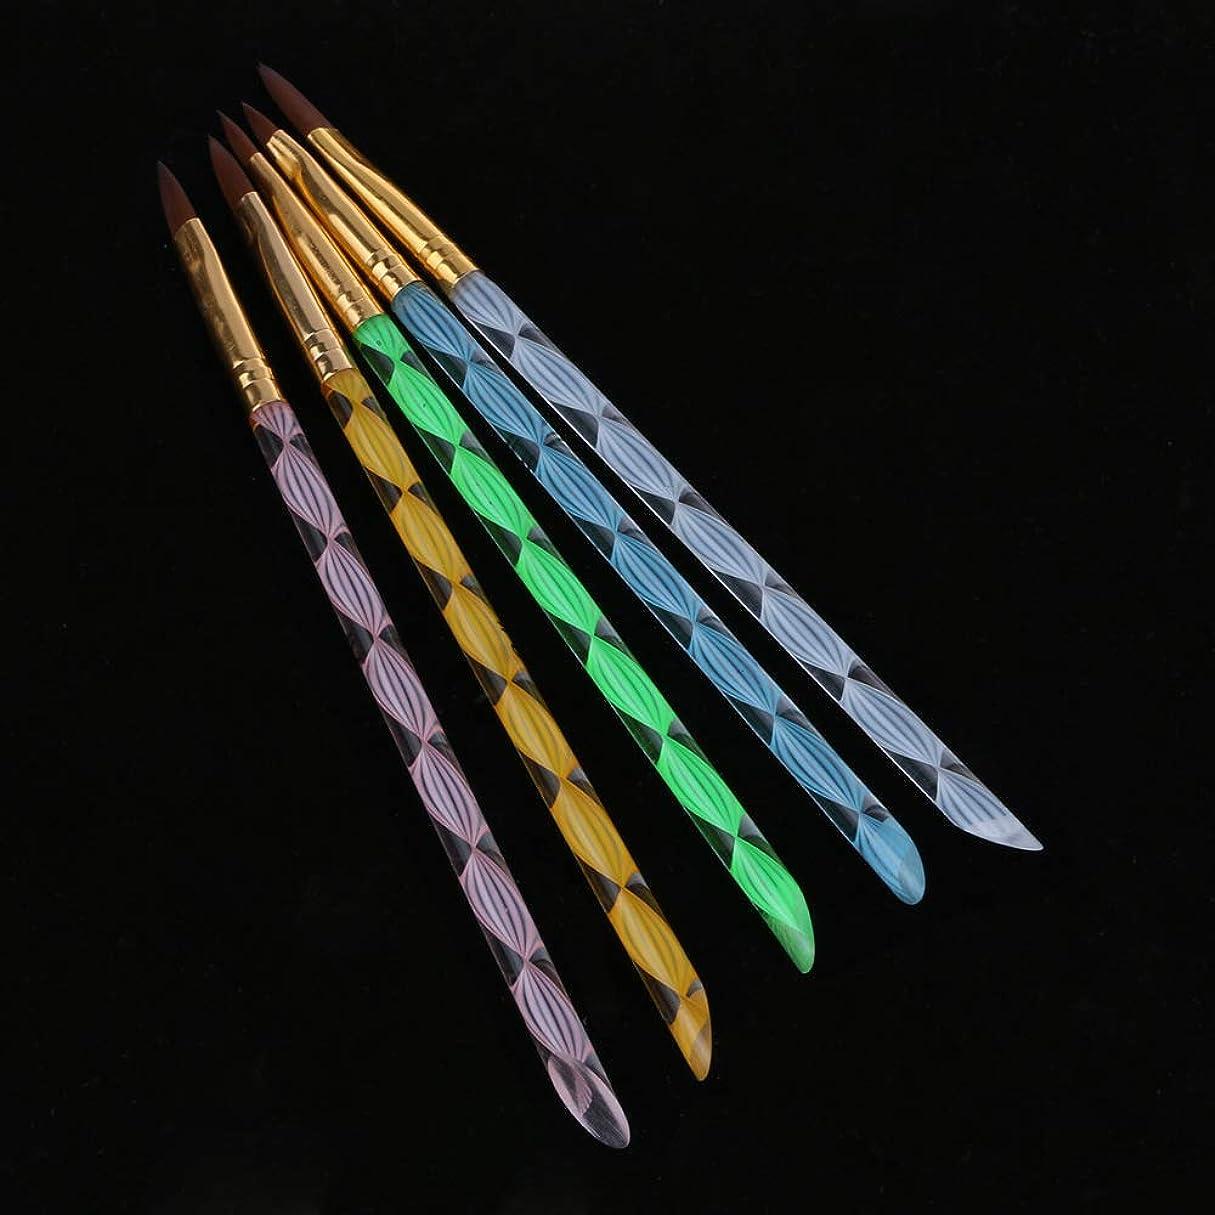 一目助手認可5PCS UVジェル ネイルアート ブラシ ペイントペンスパイラルネイルデザインクリスタルプロ 使用 家